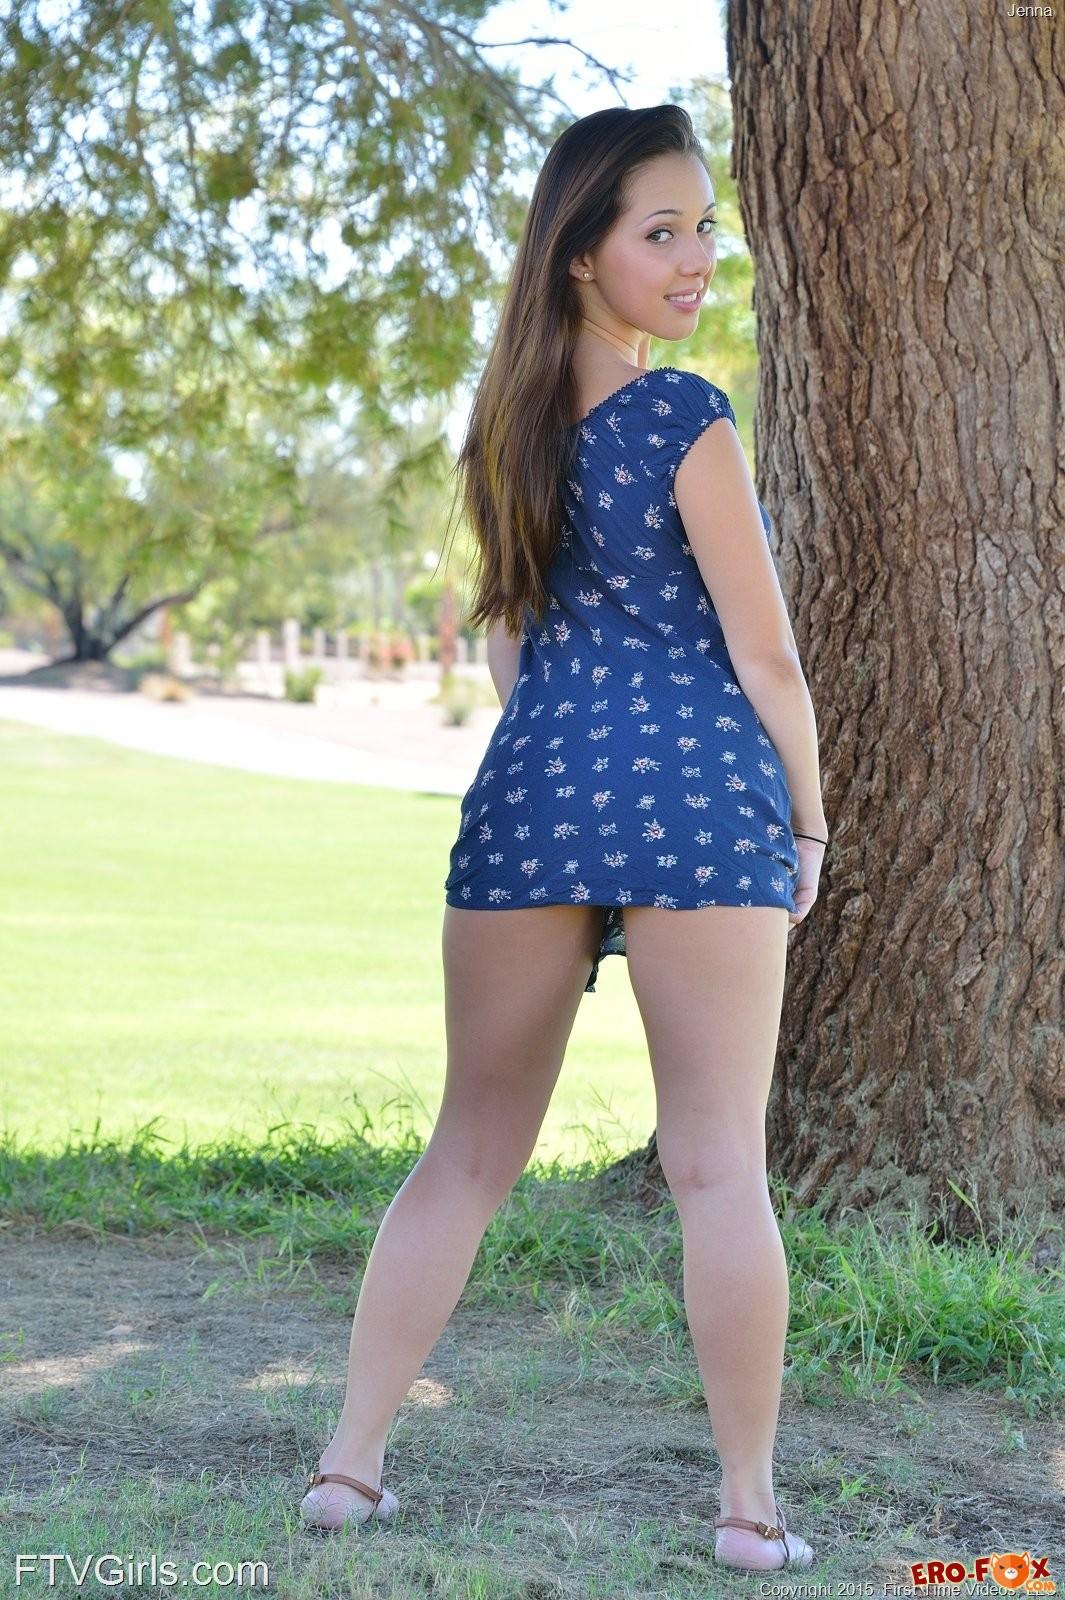 Аппетитная попка под платьем голой девушки